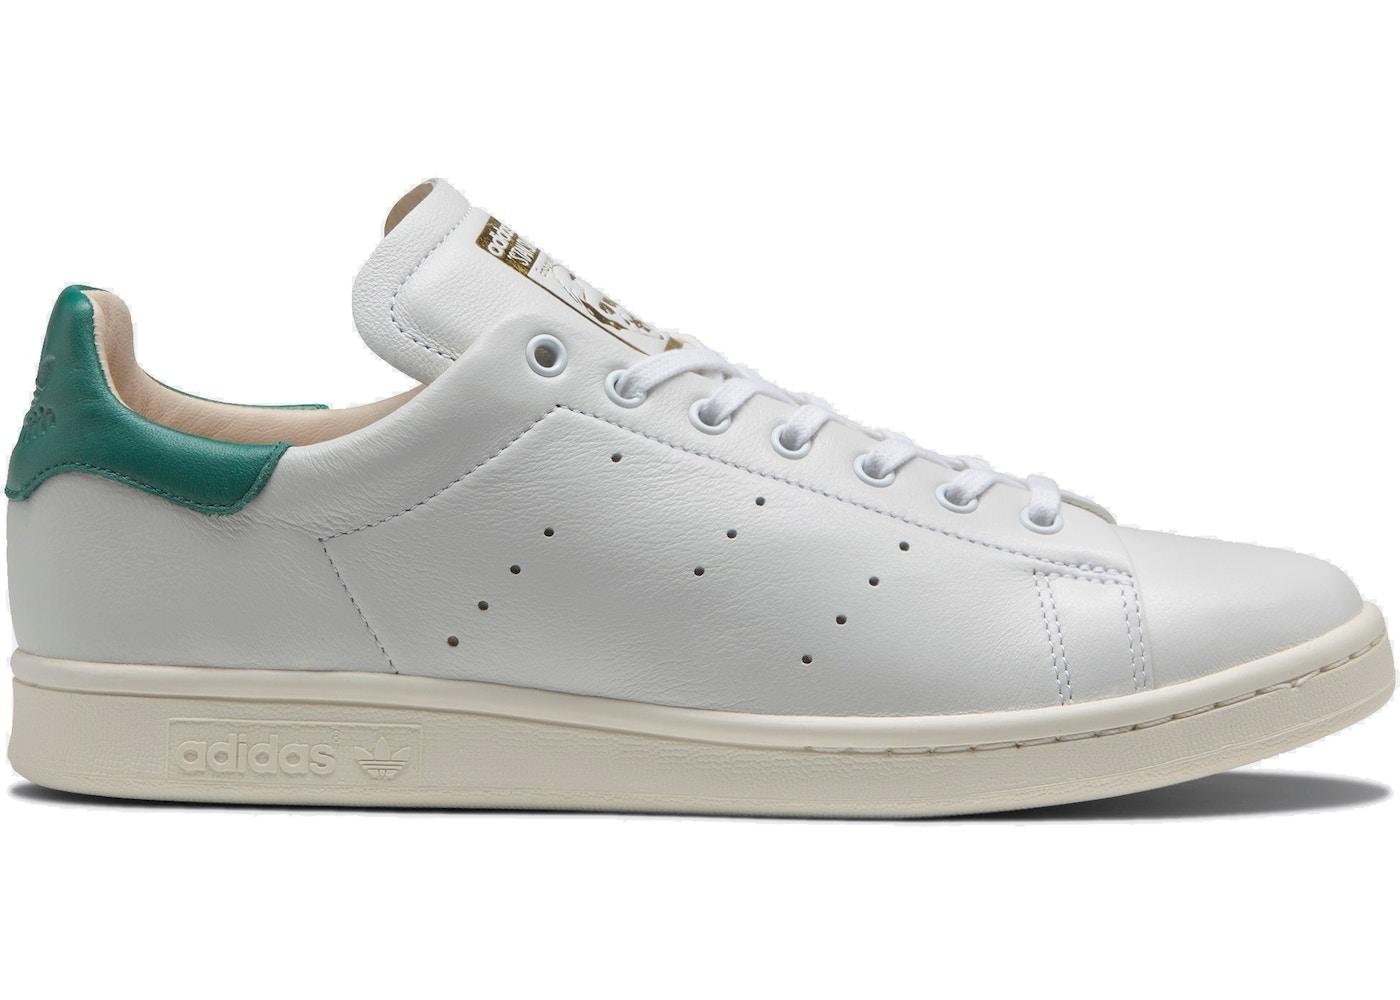 adidas Stan Smith Recon White Green